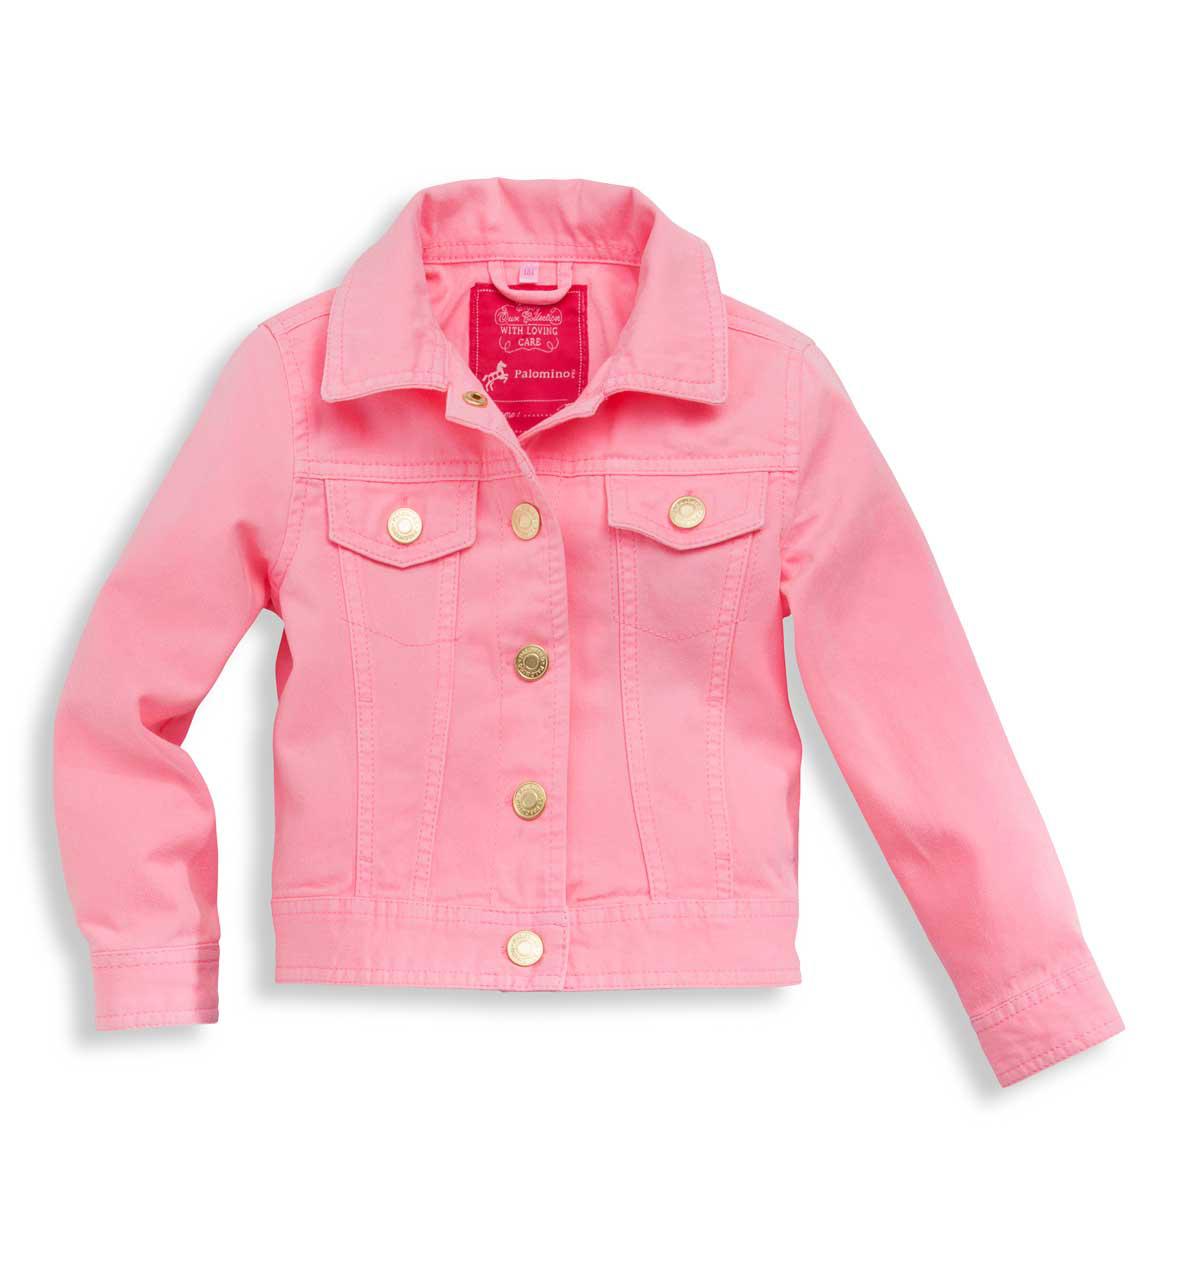 Jusqu' à 50 % de remise sur une sélection - livraison gratuite - ex : veste enfant 7 €